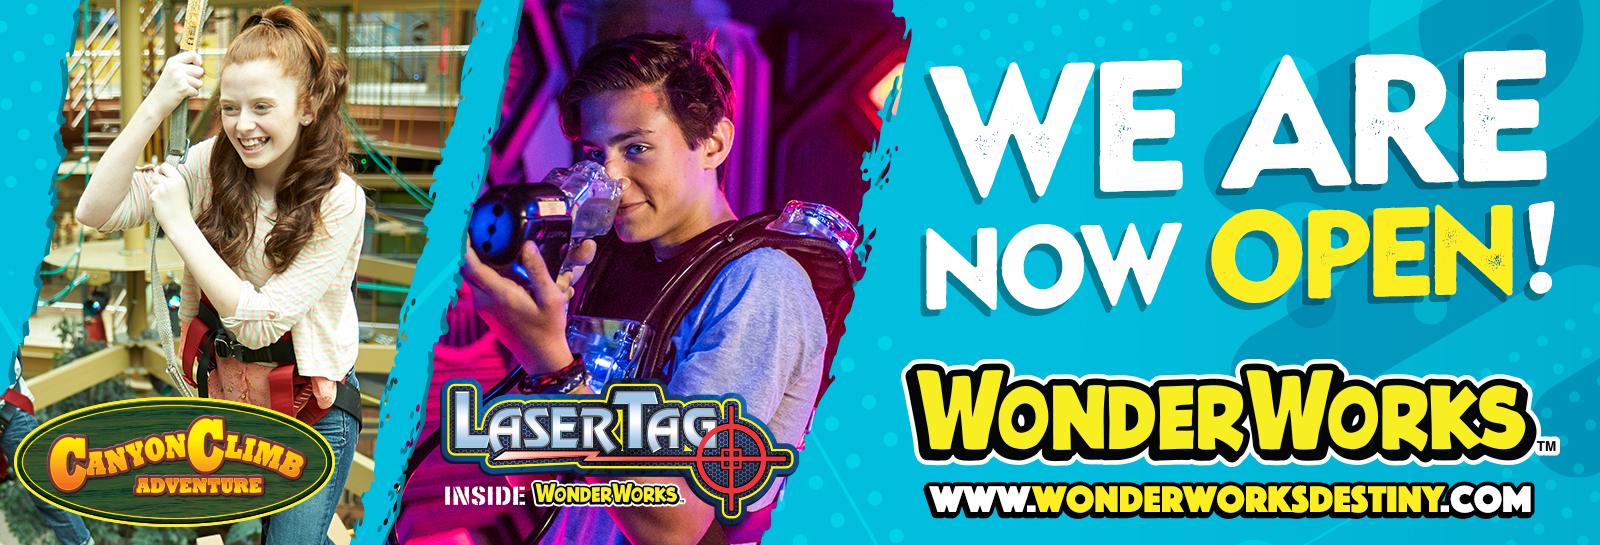 WonderWorks Website Banner 1600 x 545 2